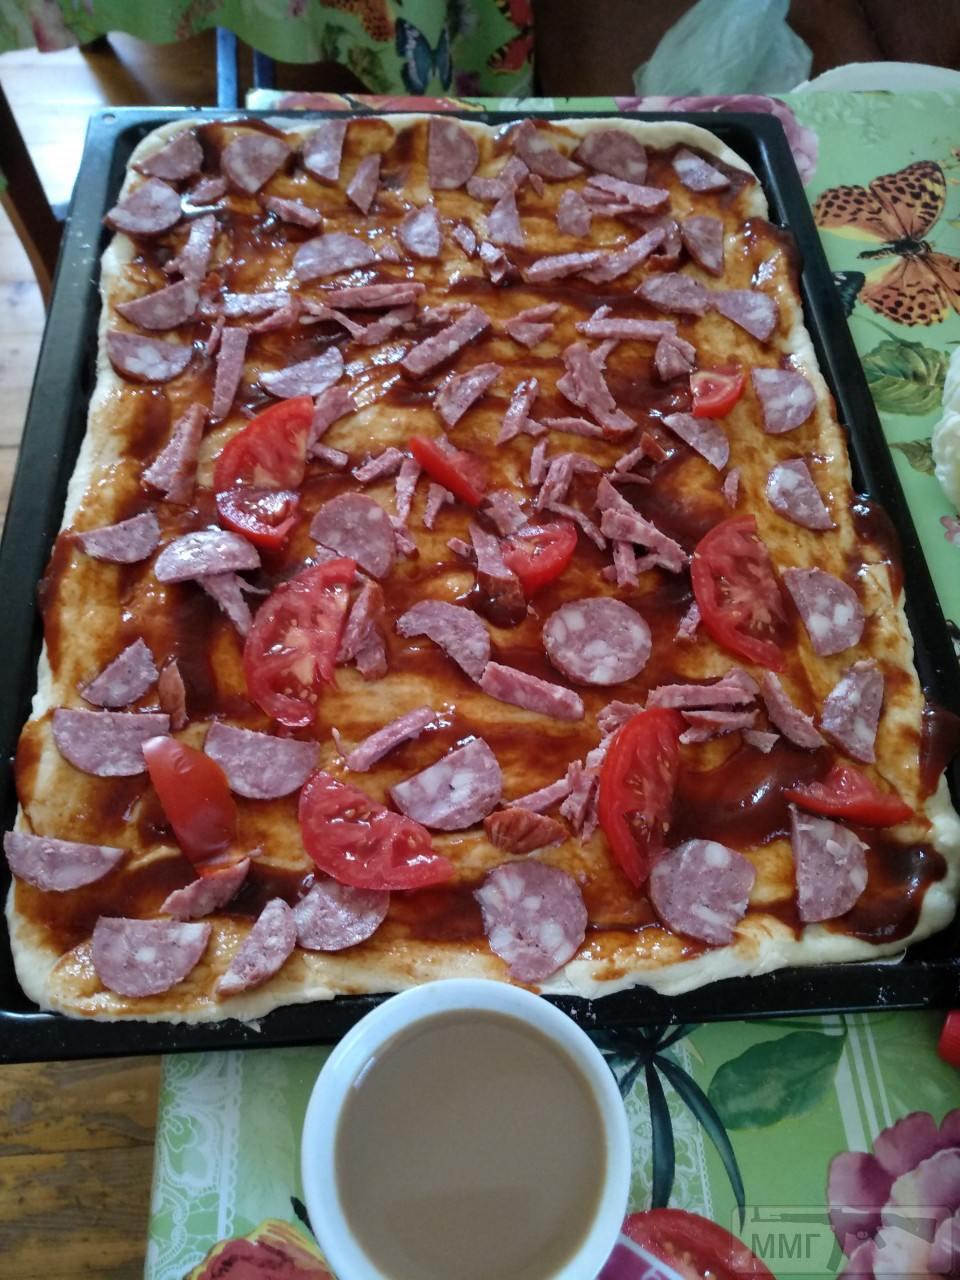 109114 - Закуски на огне (мангал, барбекю и т.д.) и кулинария вообще. Советы и рецепты.